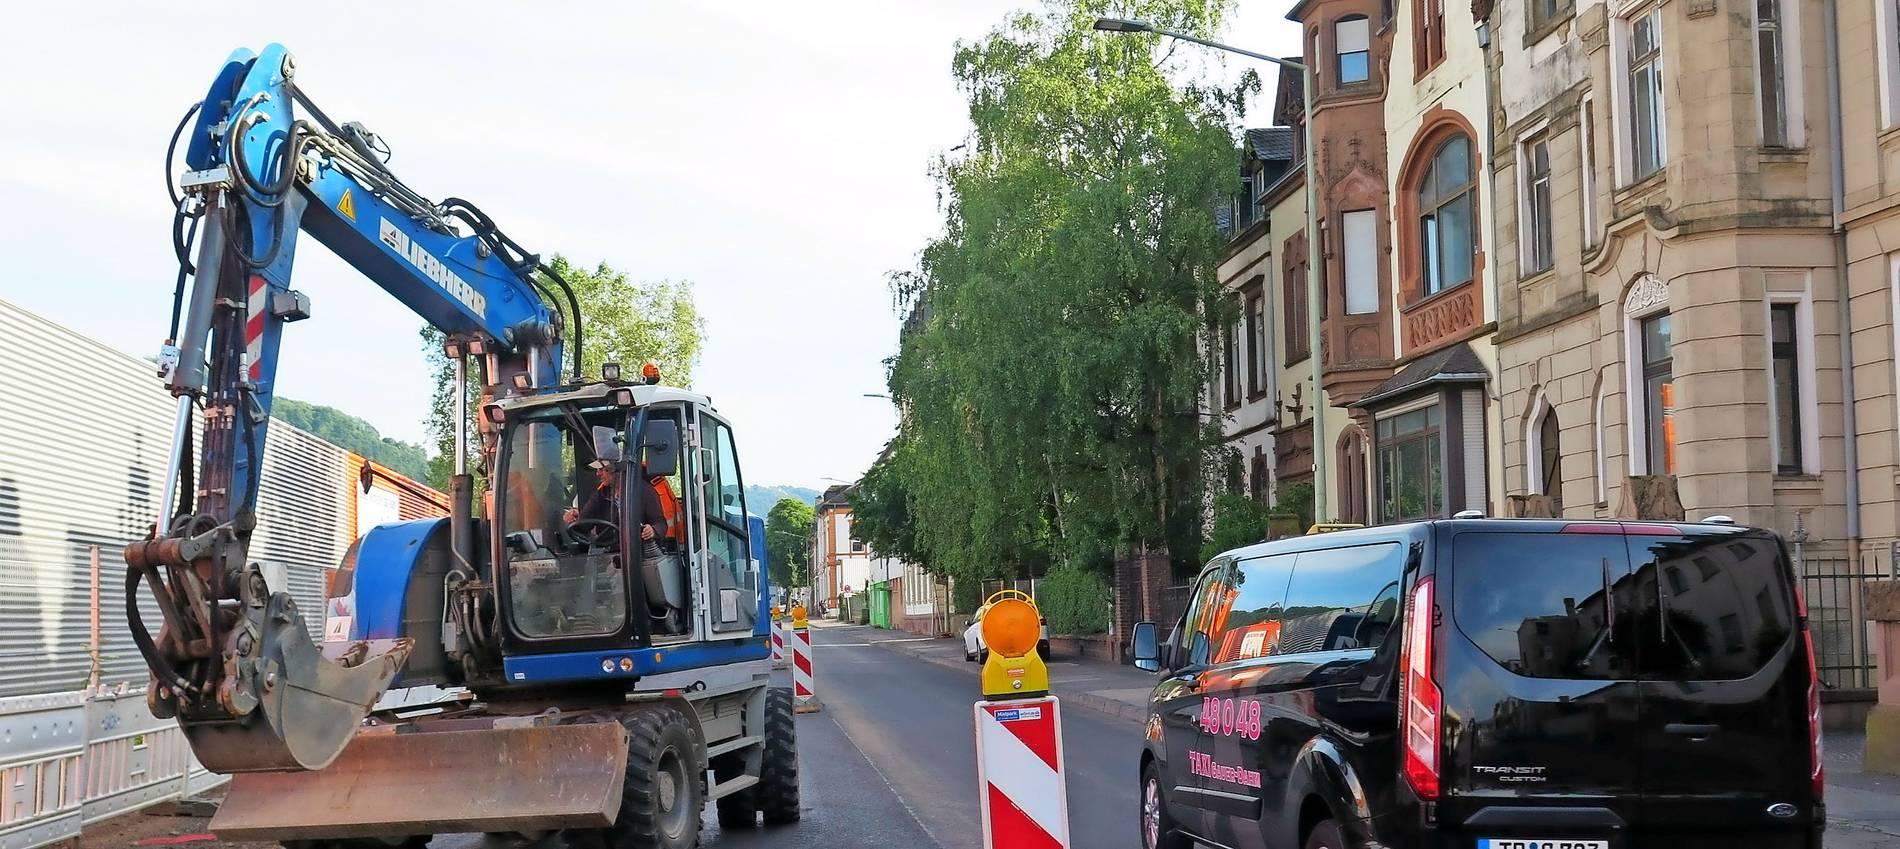 Straßen In Trier